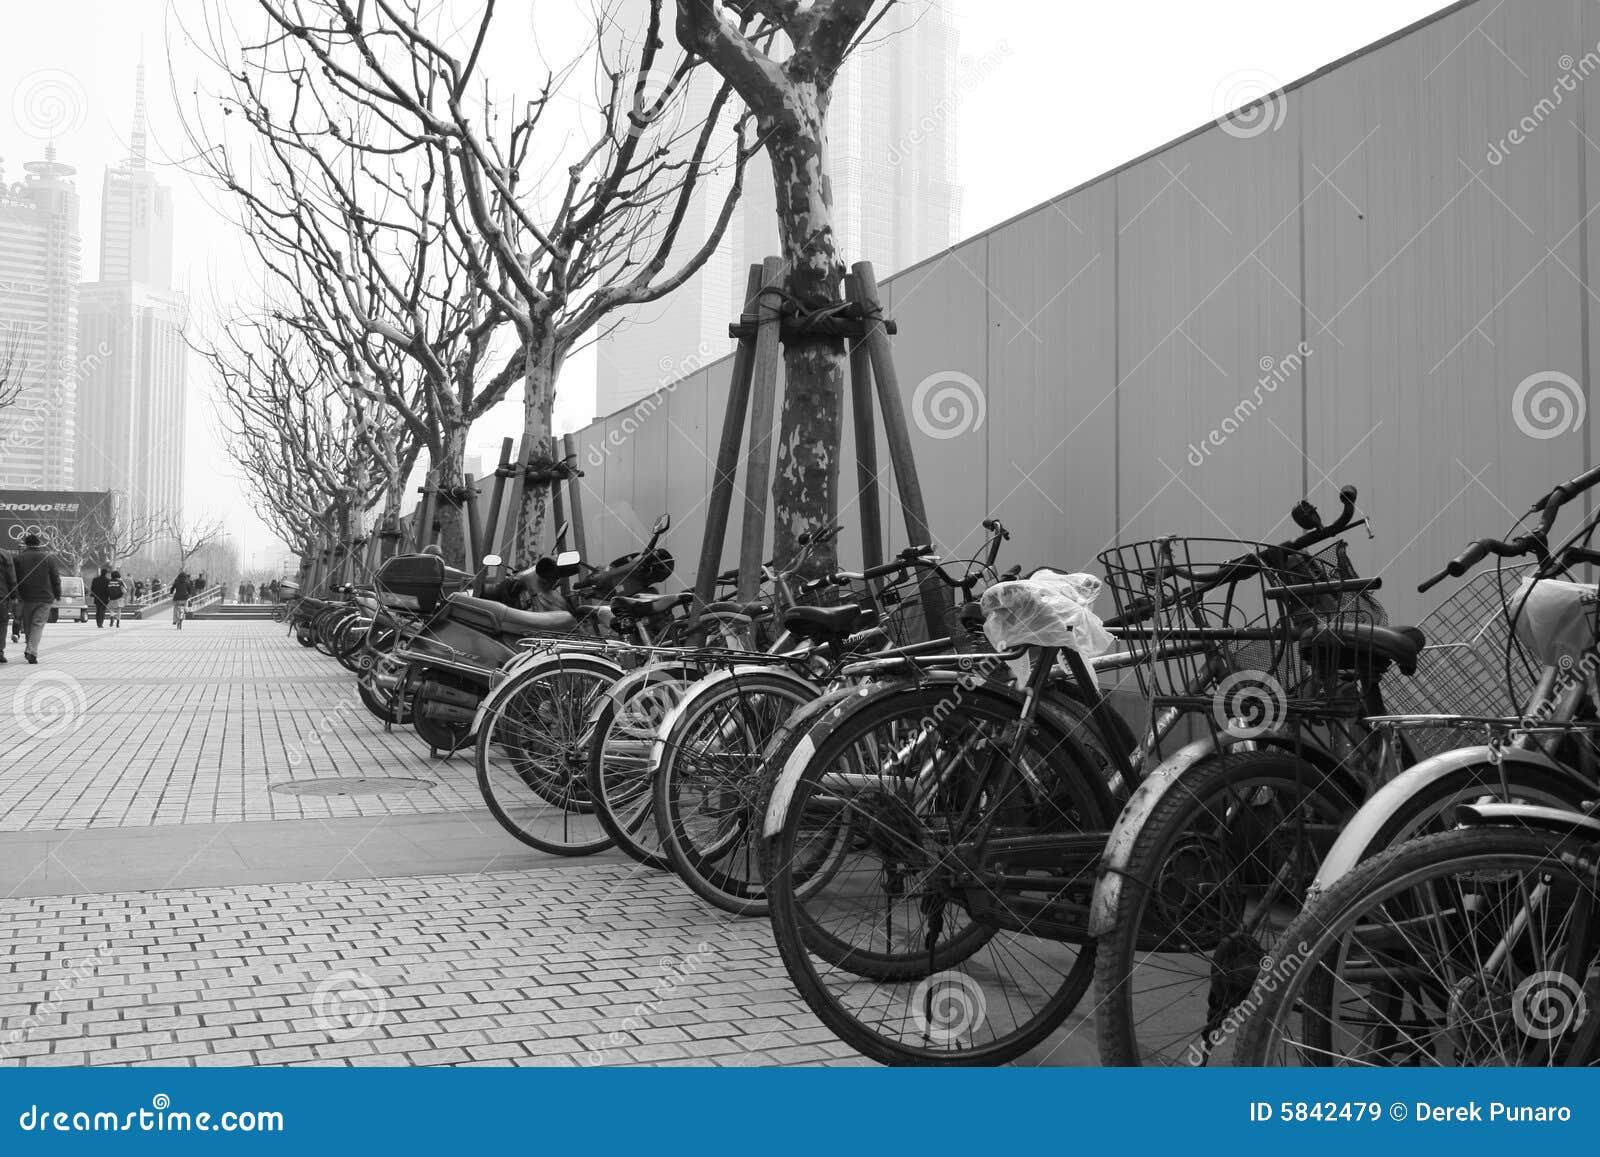 Chiny roweru stary zanieczyszczone